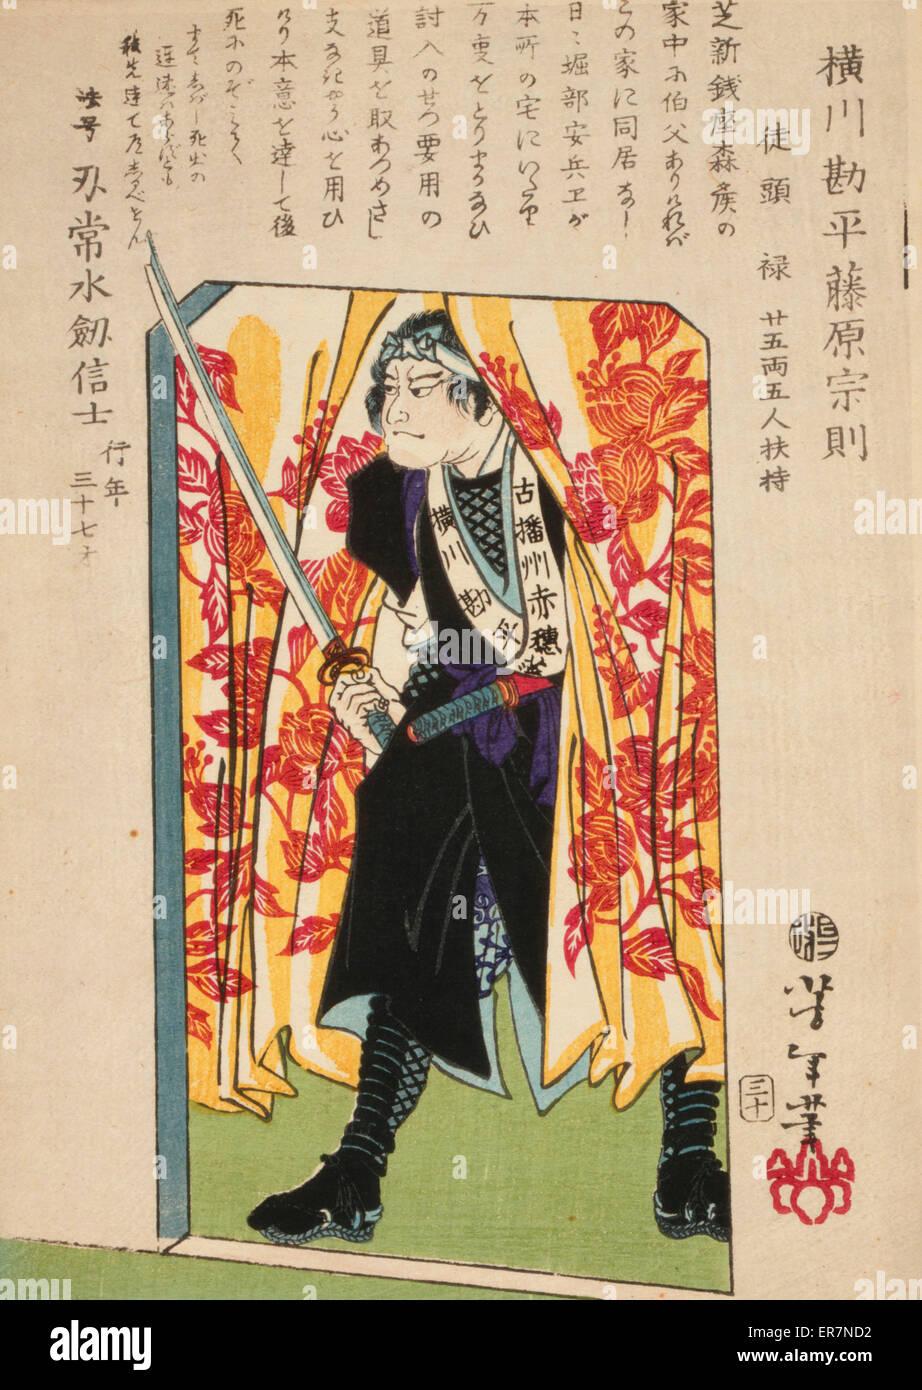 Ronin, or masterless Samurai, in doorway. Ukiyo-e print illustration showing Ronin emerging from between curtains - Stock Image